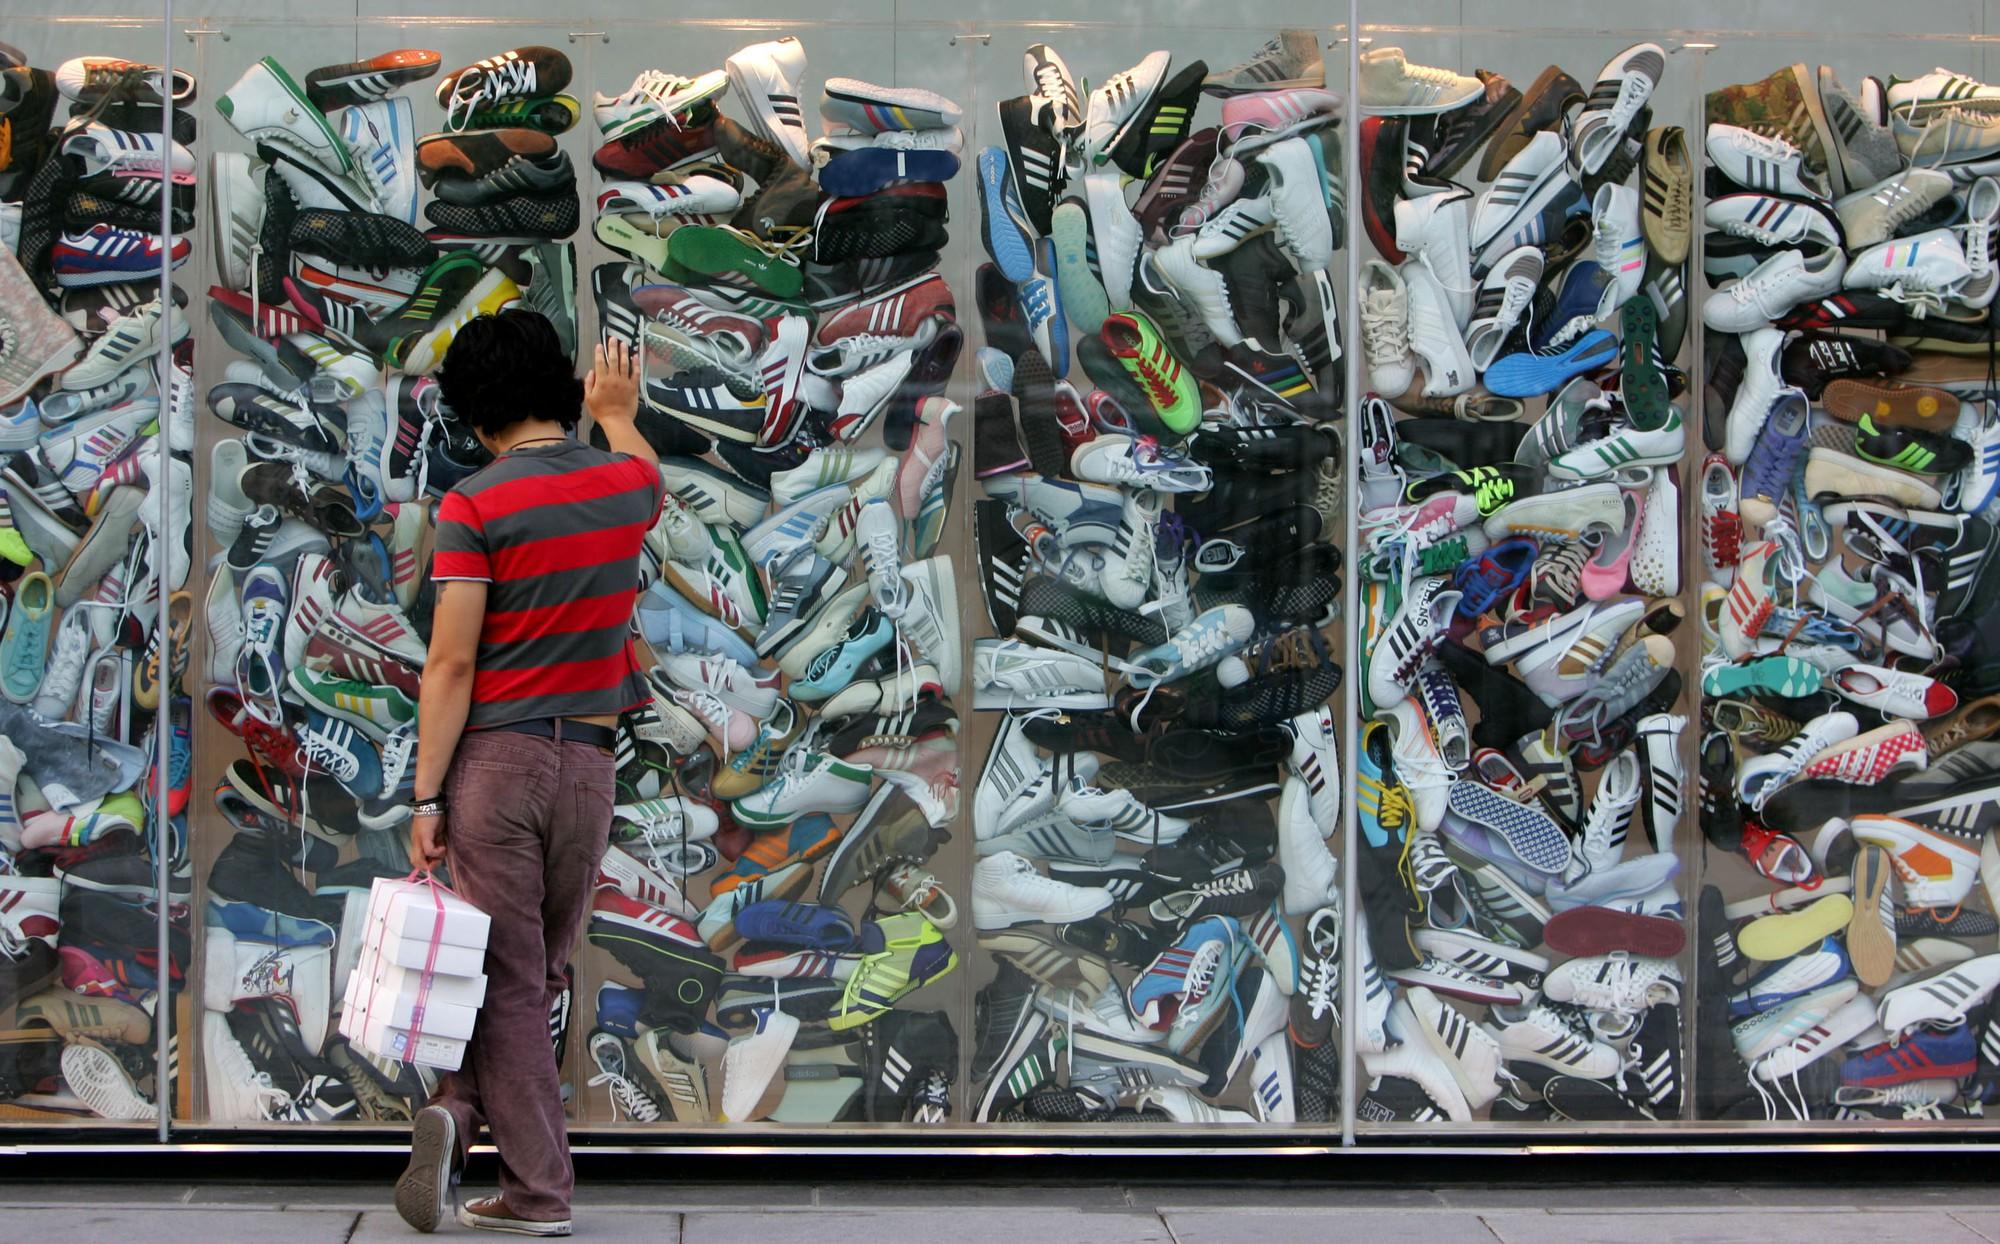 CEO của adidas khẳng định có đến 10% sản phẩm adidas tại châu Á là hàng fake! - Ảnh 1.